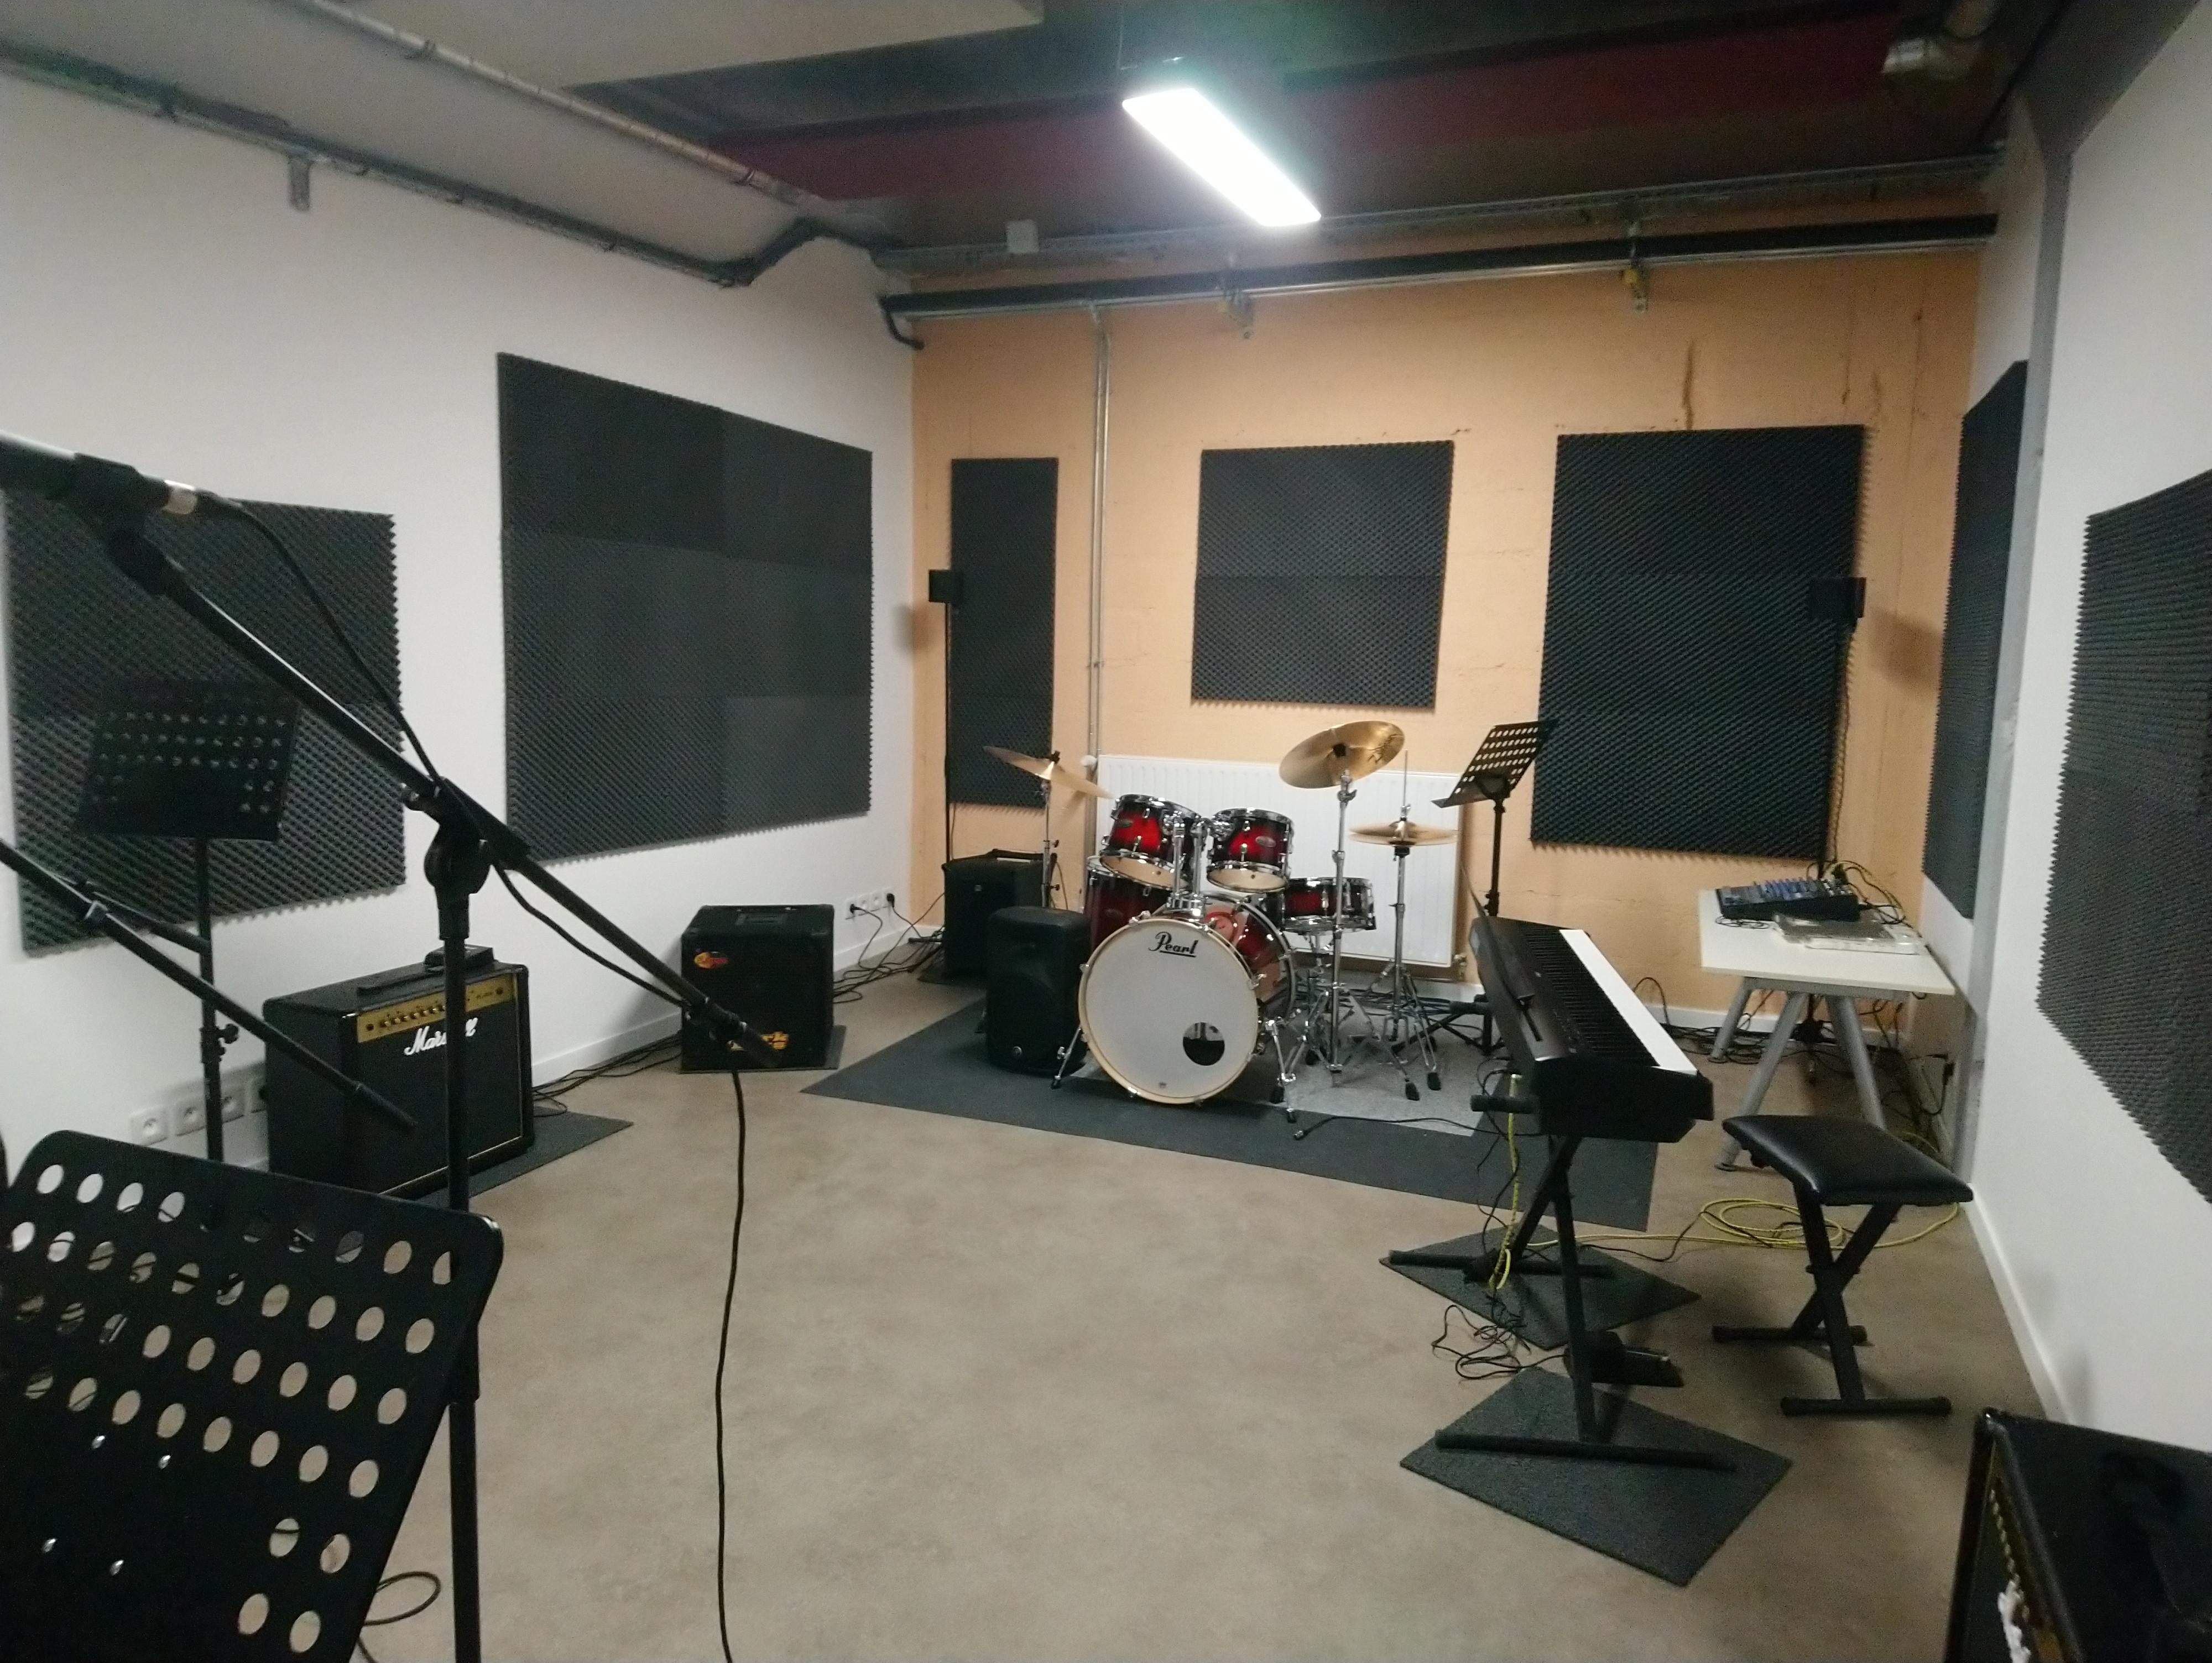 Location Studio Orange (26m²) - 1h